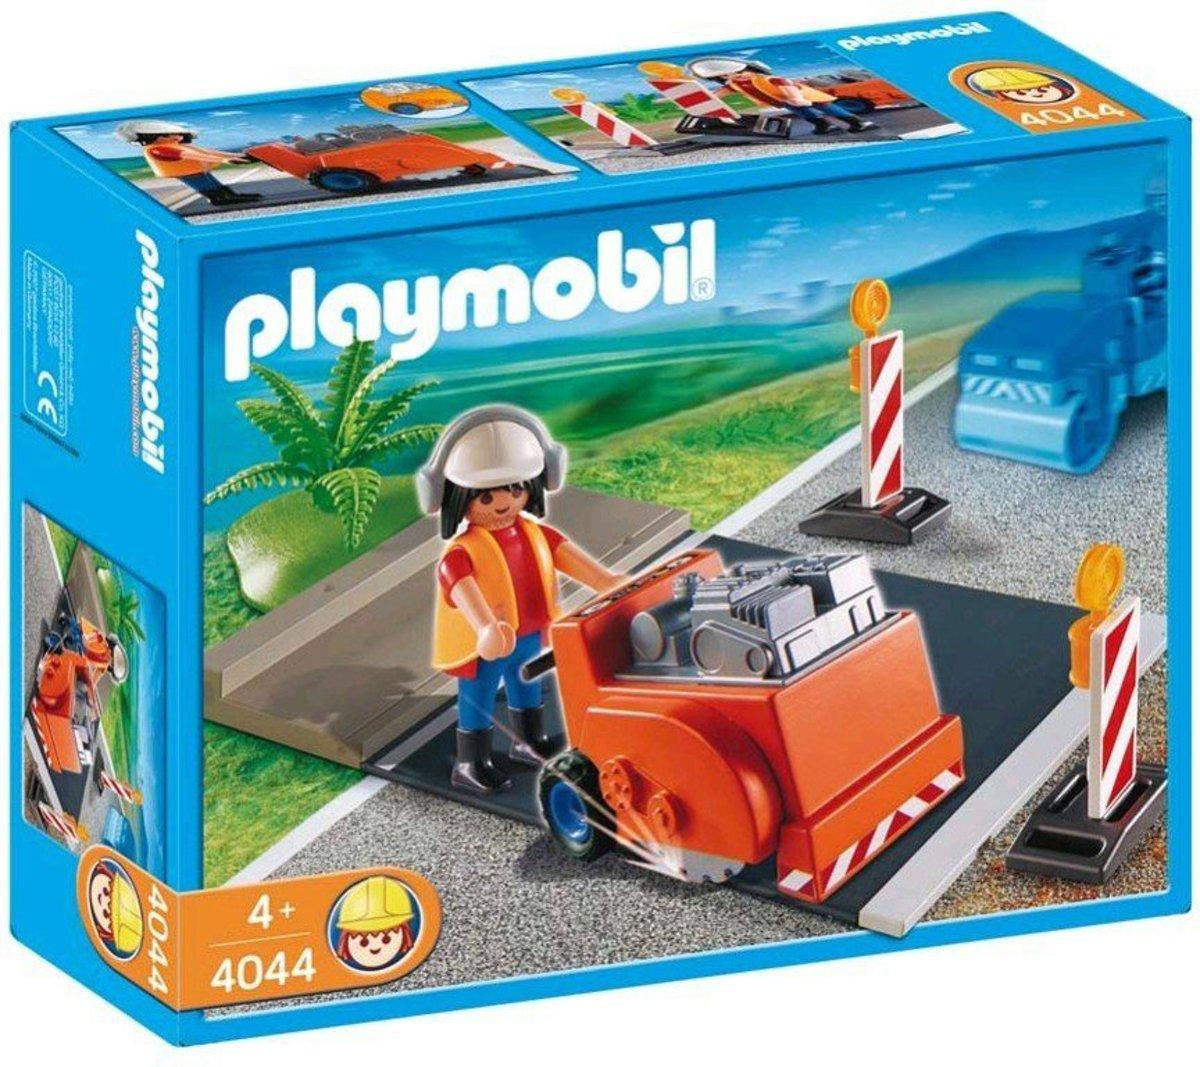 Playmobil Asfalt Zaagmachine voor Kinderen ? 25x20x8cm | Speelgoed voor Jongens en Meisjes | Playmobil Wereld Maken